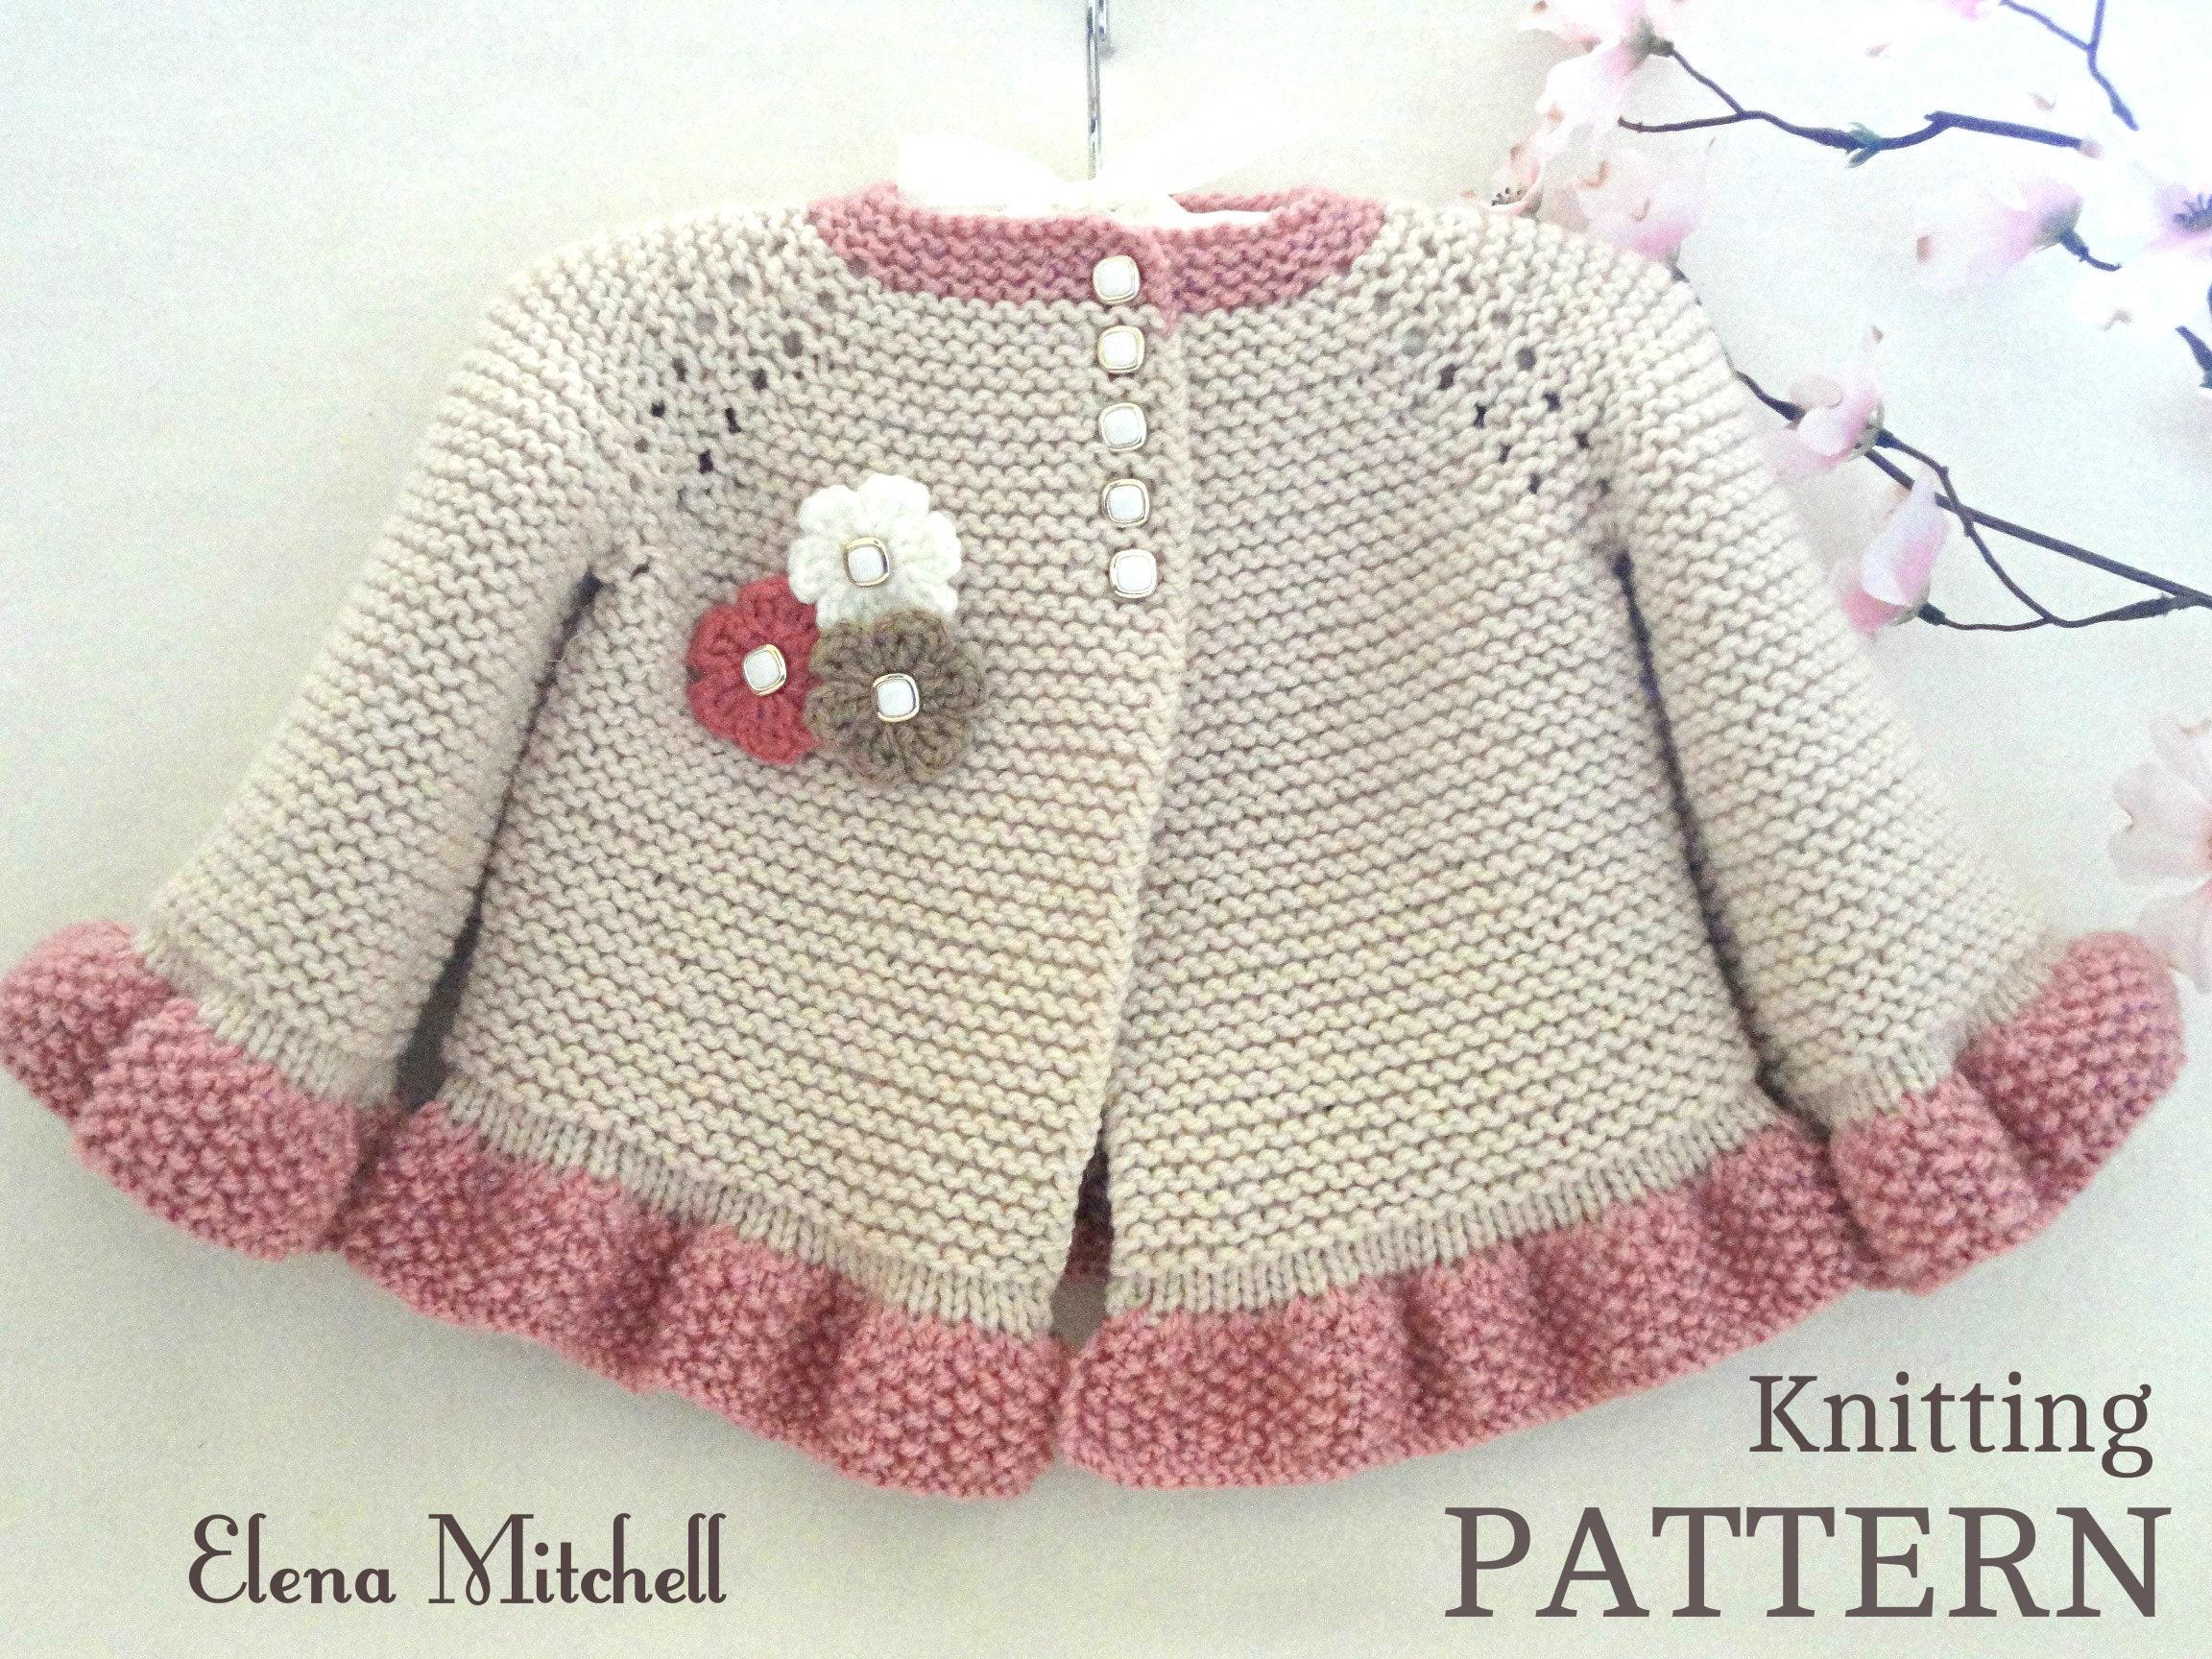 Knitting PATTERN Baby Jacket Baby Cardigan Garter Stitch Knit | Etsy